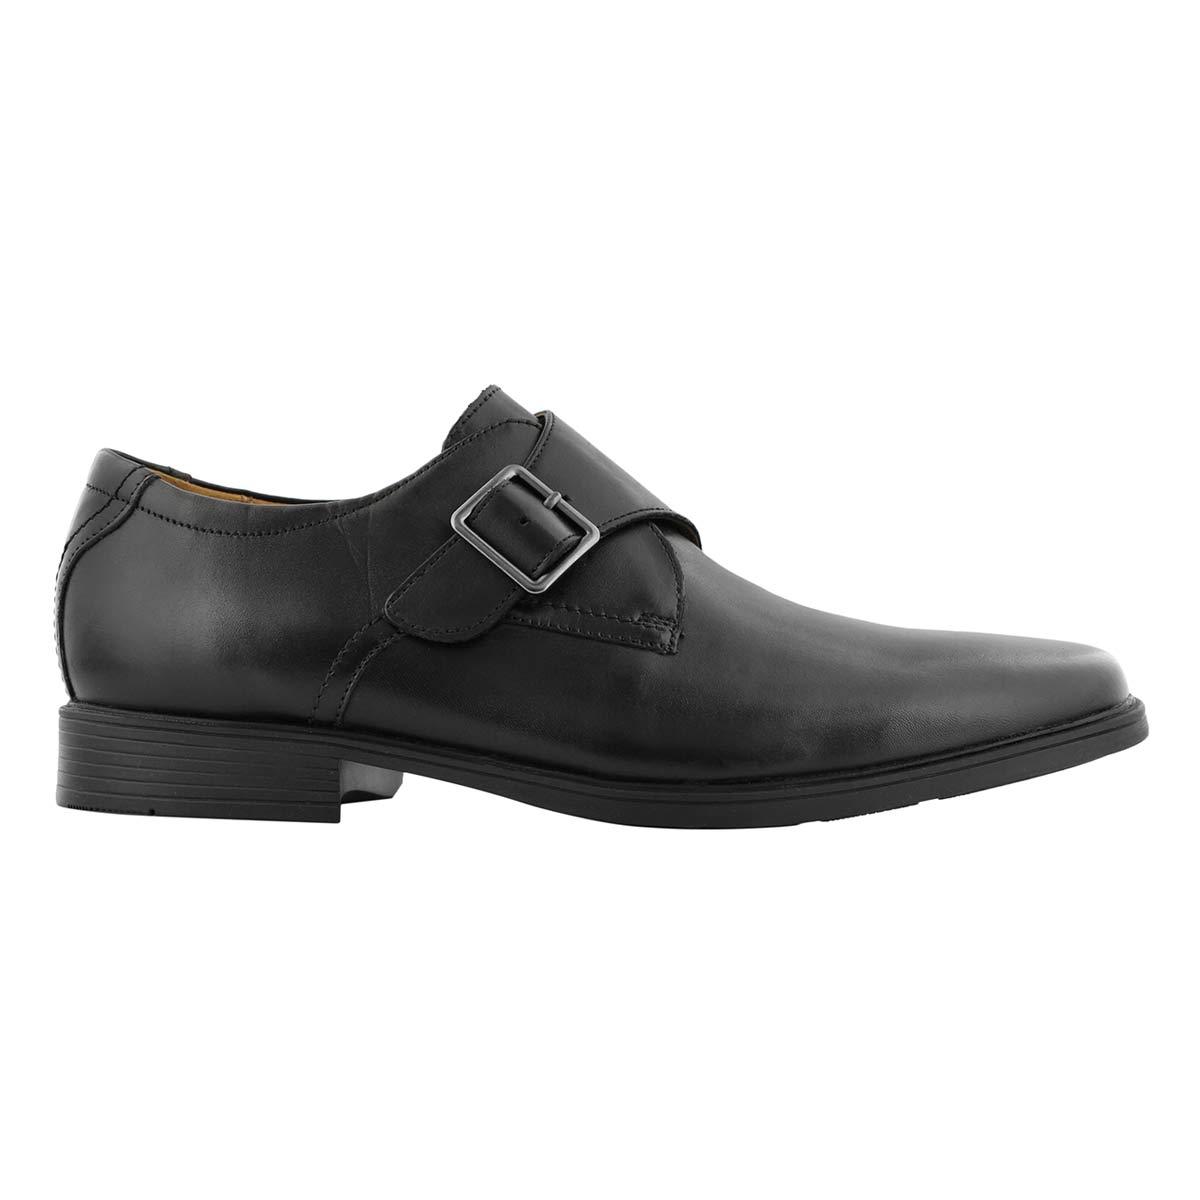 Men's TILDEN STYLE black dress oxfords